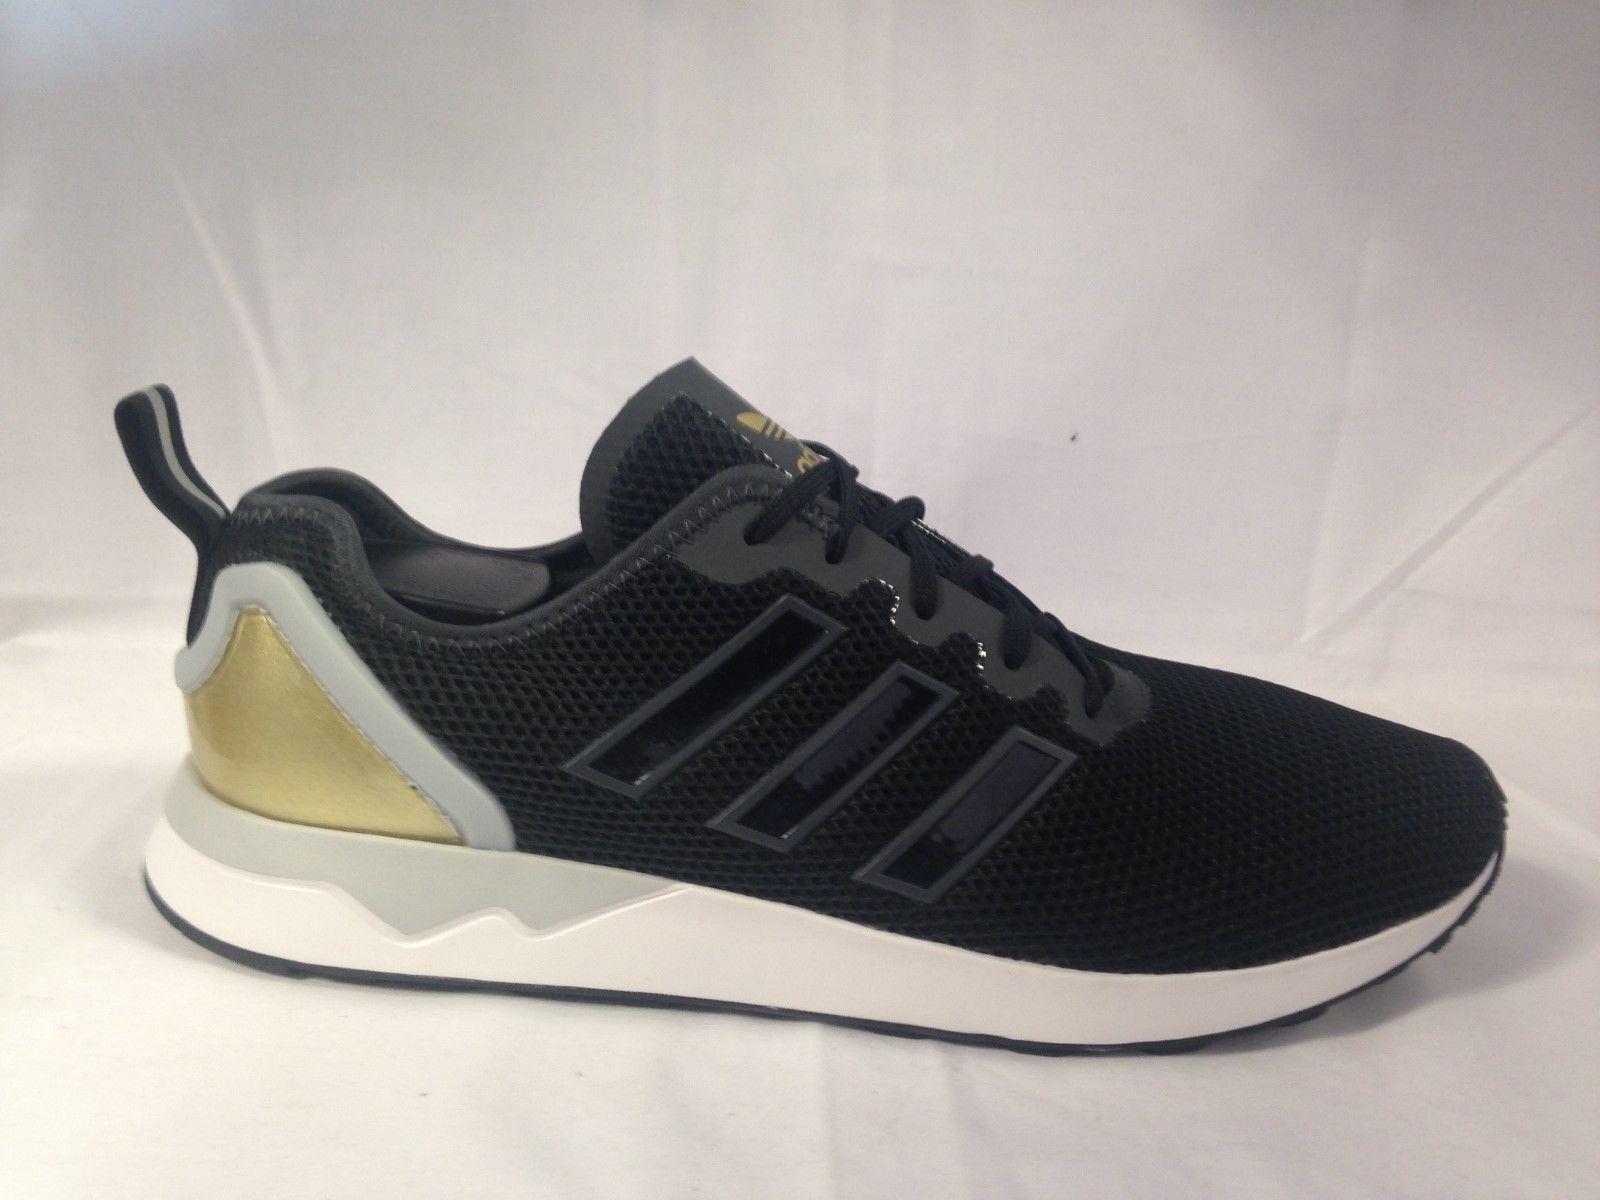 Adidas ZX Flux Adv Negro/Oro/Blanco para Hombre Tenis Zapatillas Negro/Oro/Blanco Adv Reino Unido 9.5 Nuevos Y En Caja 650f77